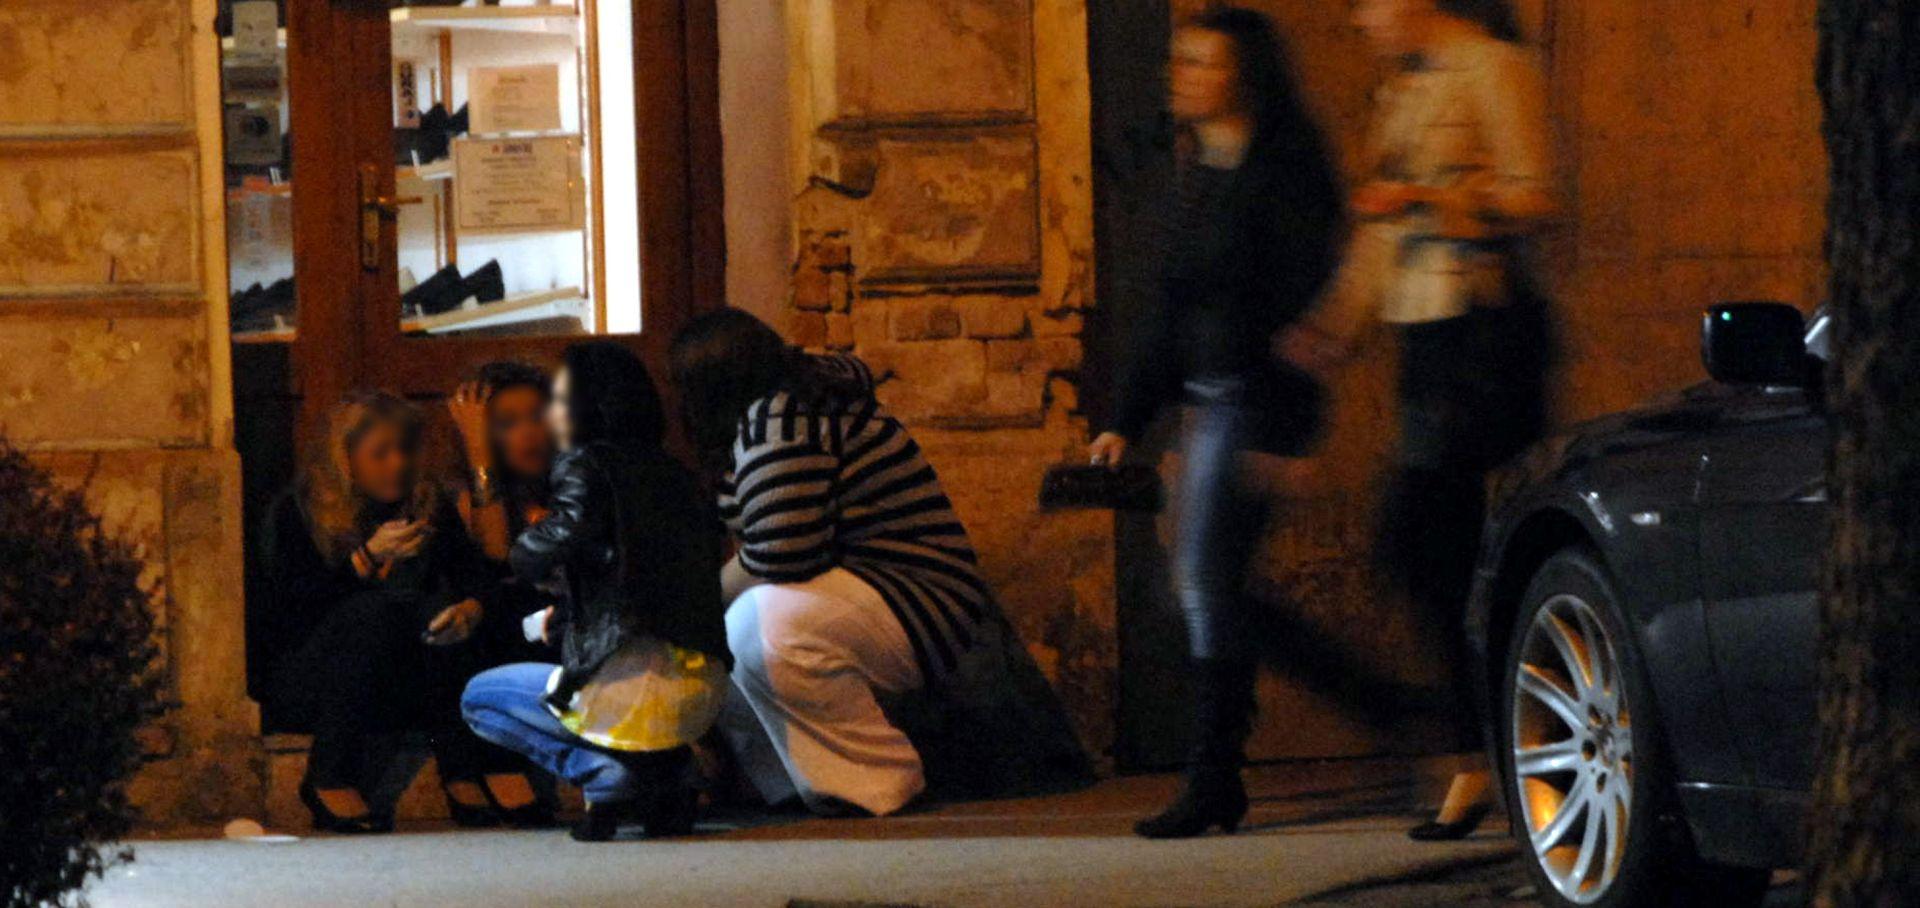 BRUTALNI NAPAD U CENTRU ZAGREBA: Divljaci pretukli mladića zbog mobitela